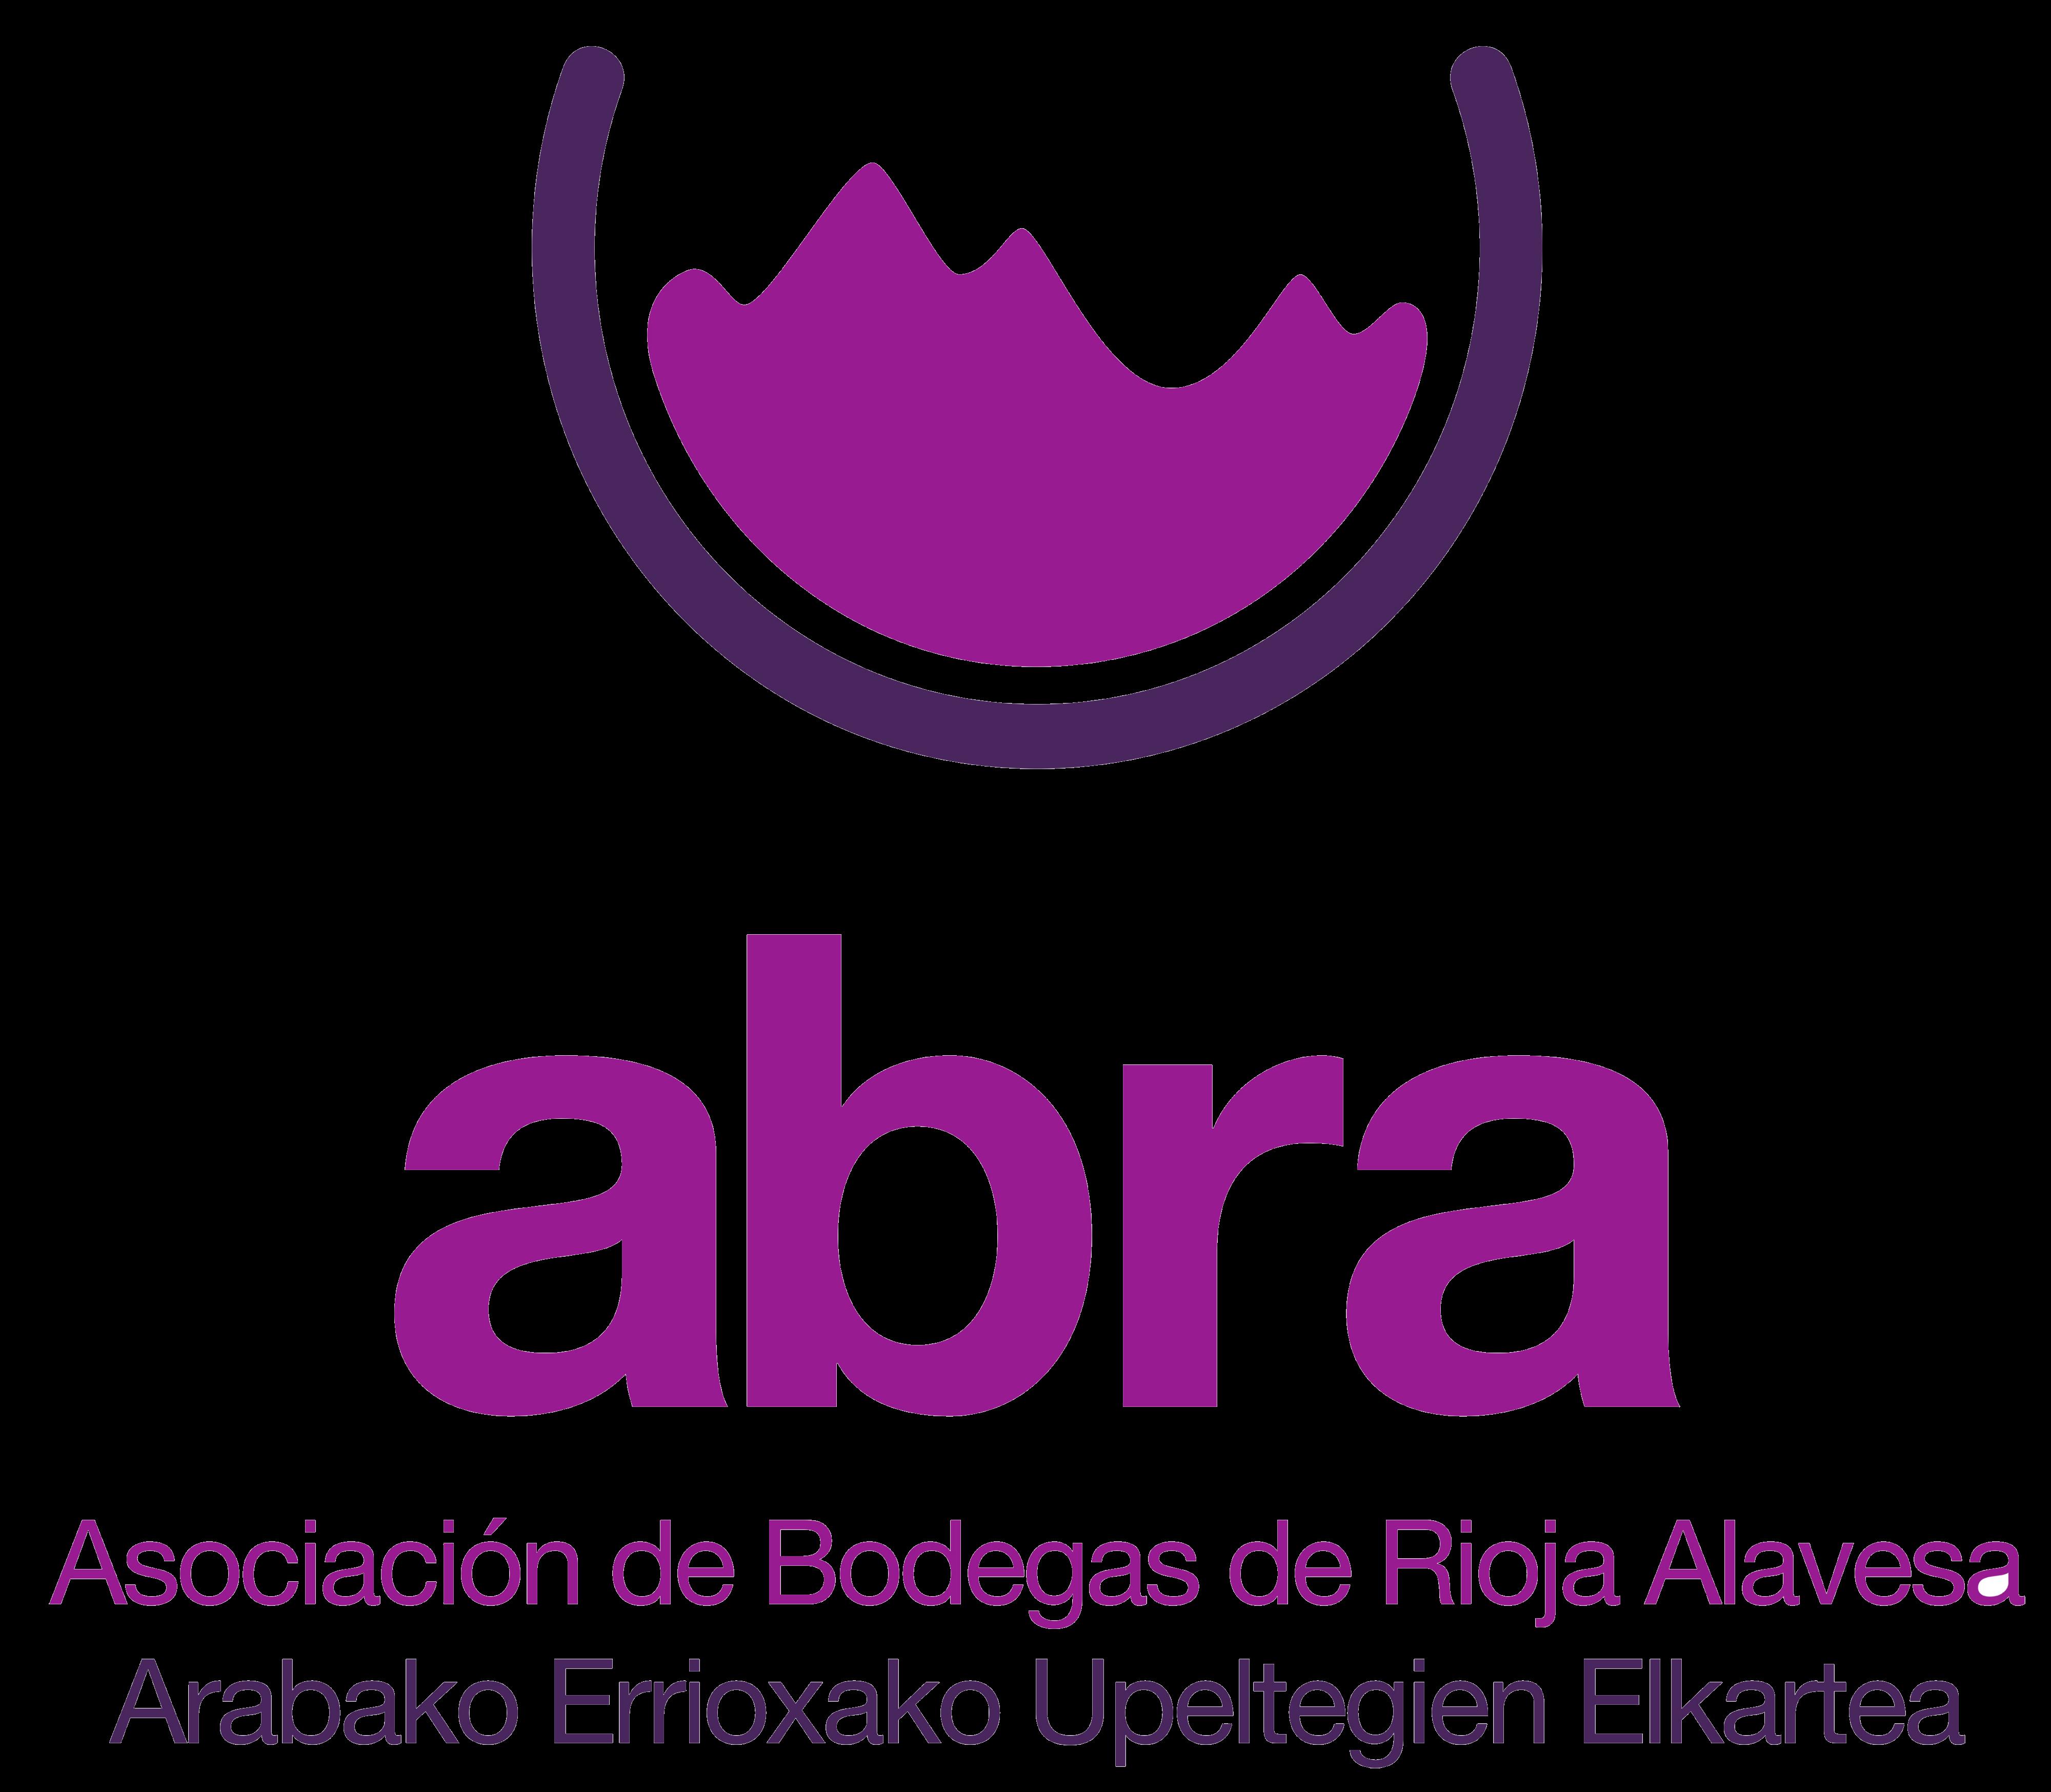 Logo - Asociación de Bodegas Rioja Alavesa